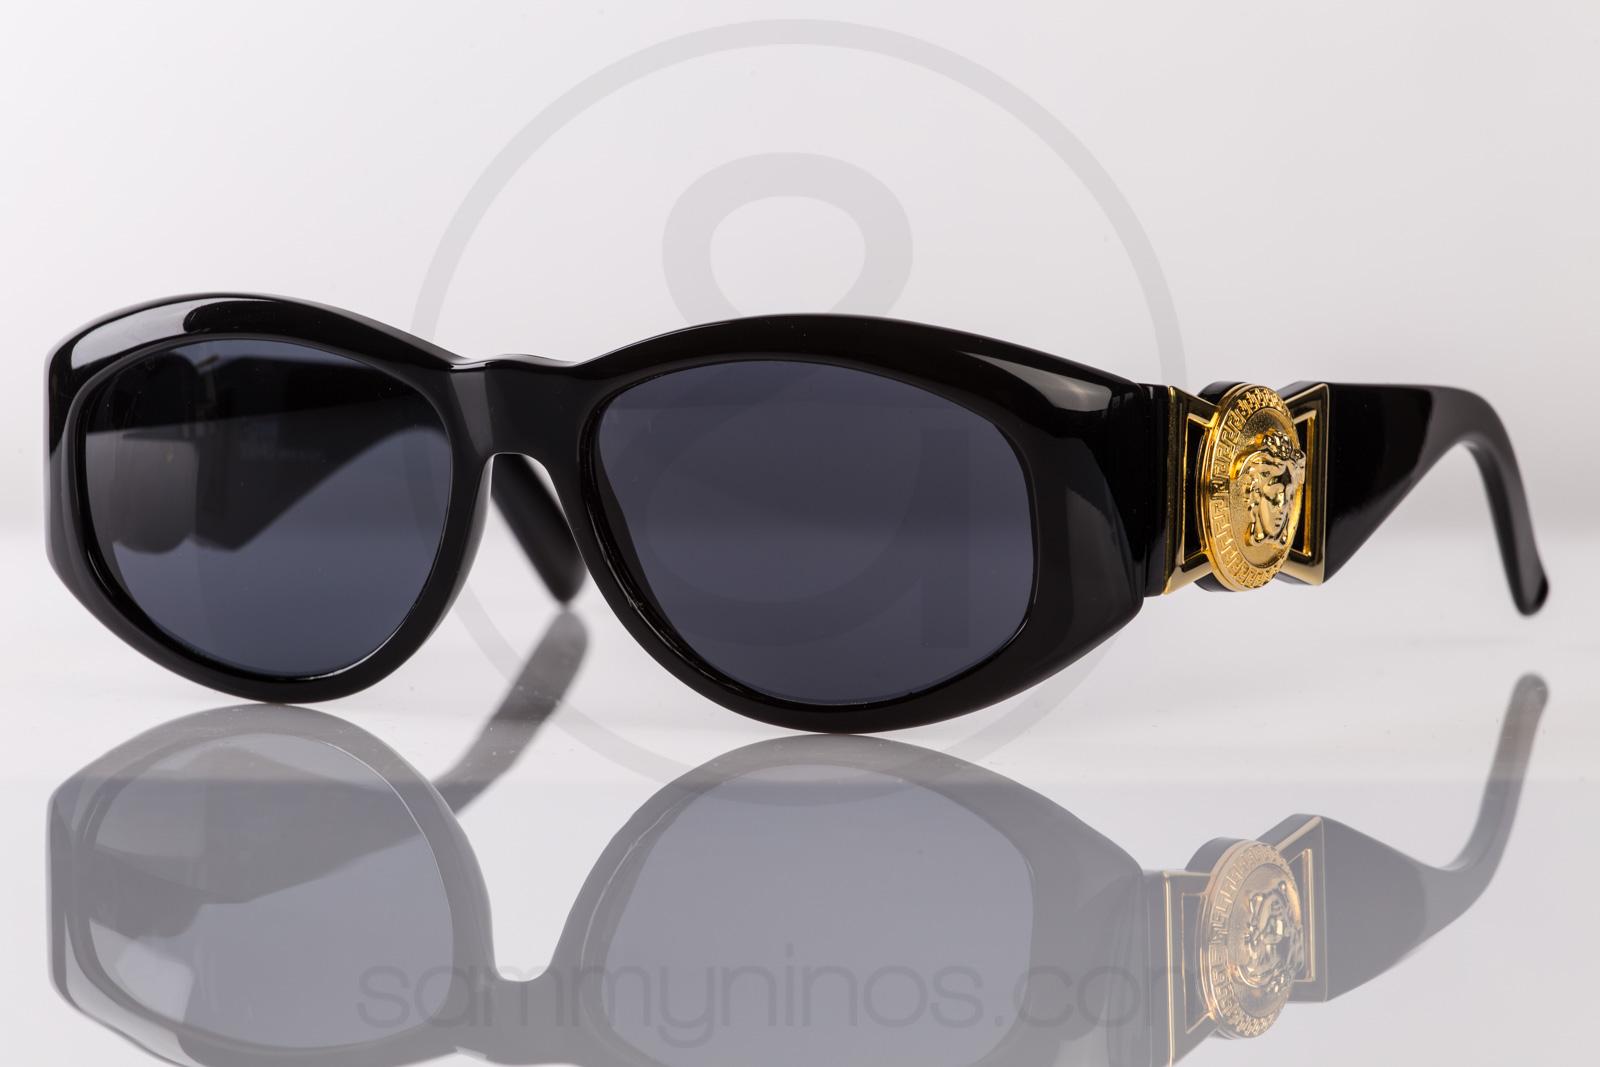 88cdfaa9ea Gianni Versace 424 852 – Sammy & Nino's Store